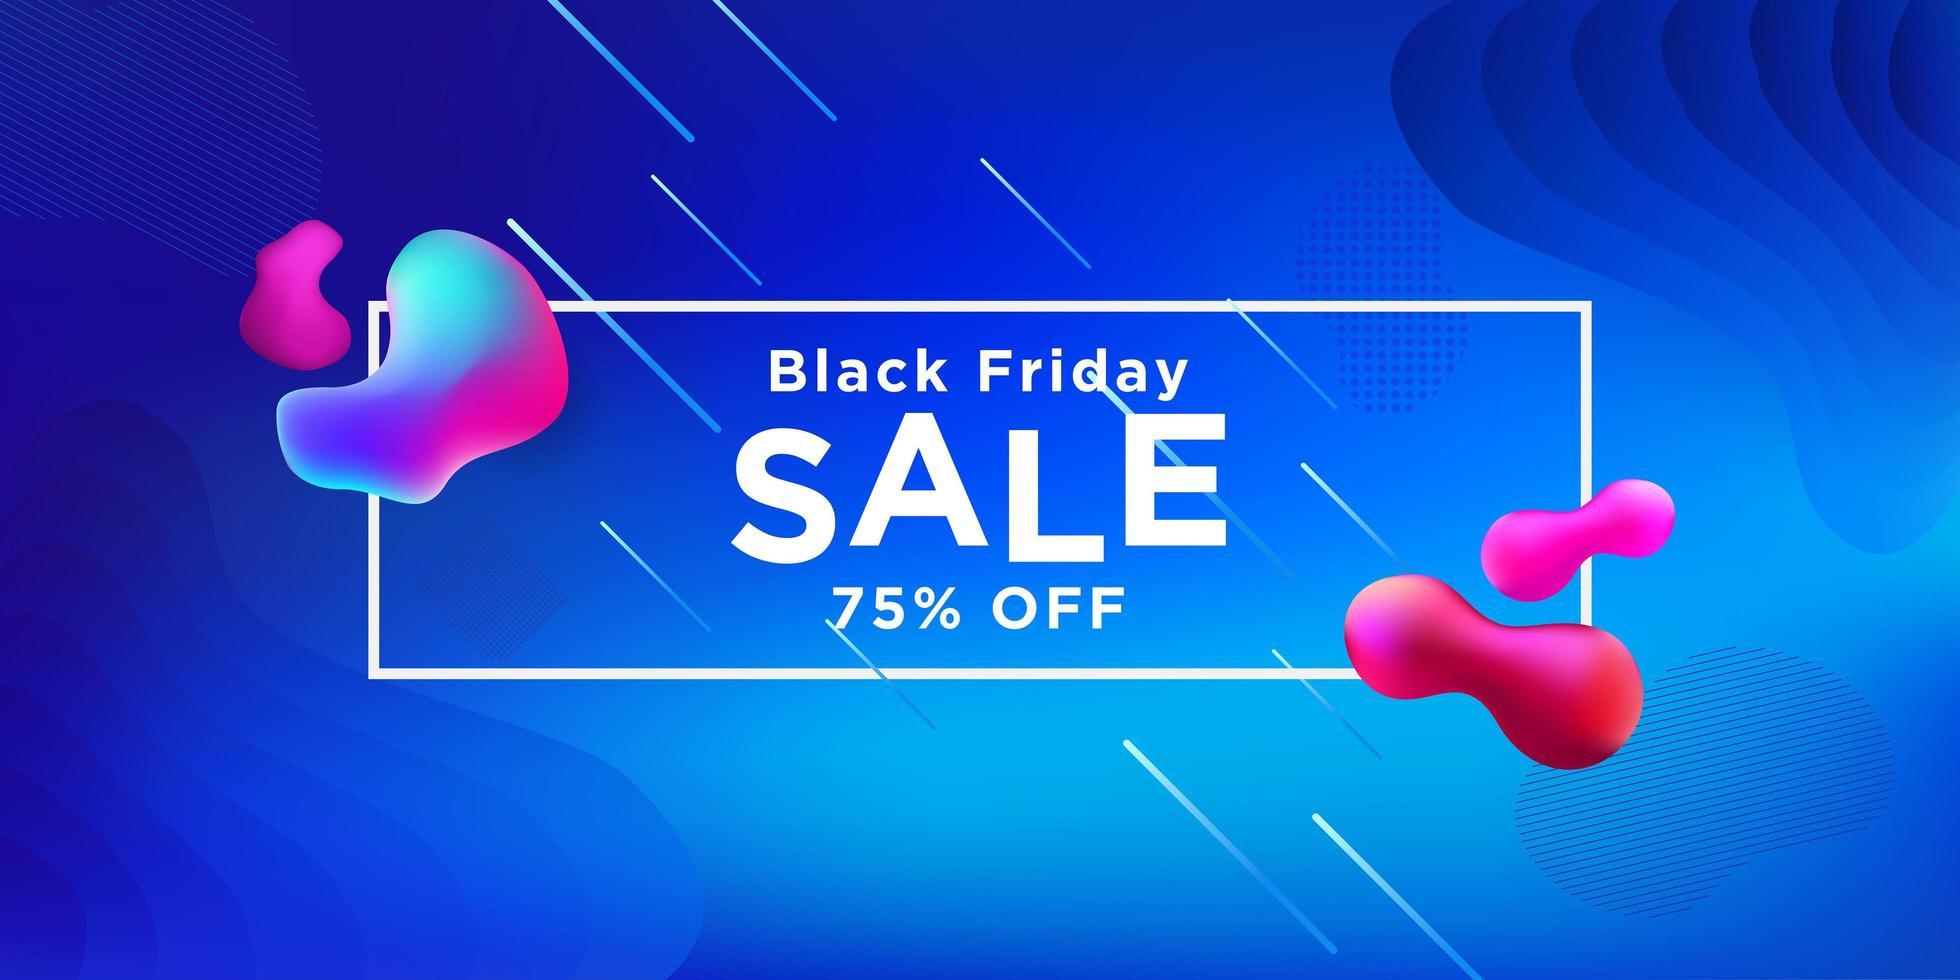 svart fredag försäljning blå banner design vektor